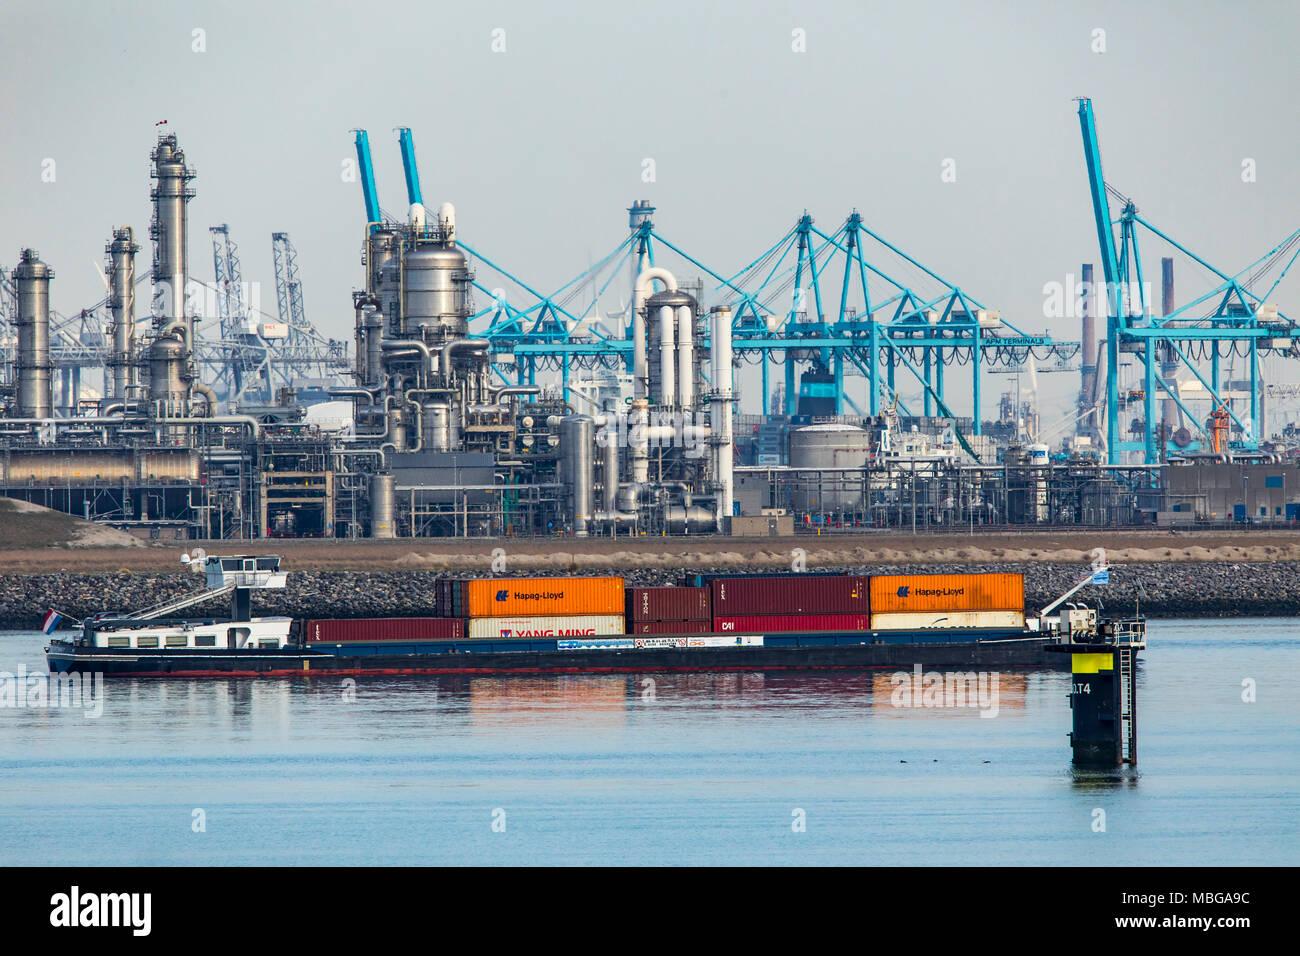 El puerto de Rotterdam, Holanda, Maasvlakte 2 puerto de aguas profundas, en un terreno ajardinado artificialmente fuera de la costa original, Refinería BP Rotterdam B. Imagen De Stock